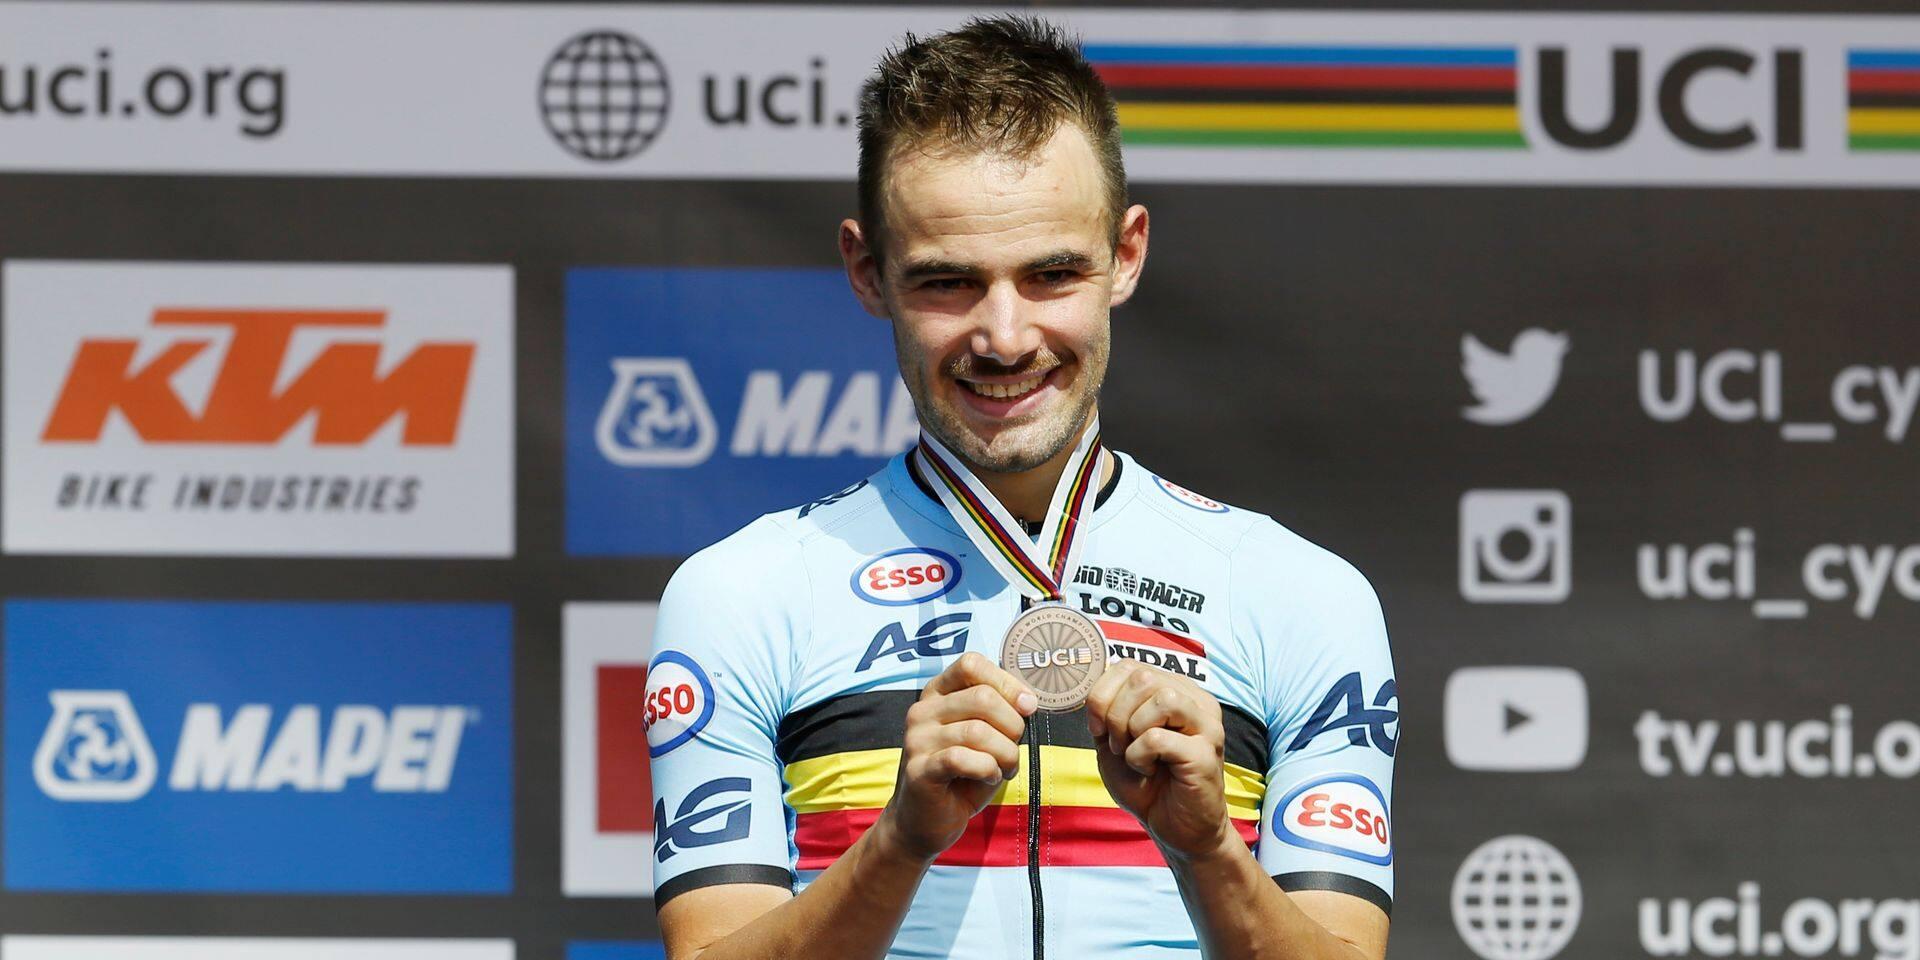 Vélo de Cristal: Victor Campenaerts, champion de Belgique et d'Europe de contre-la-montre, lauréat 2018